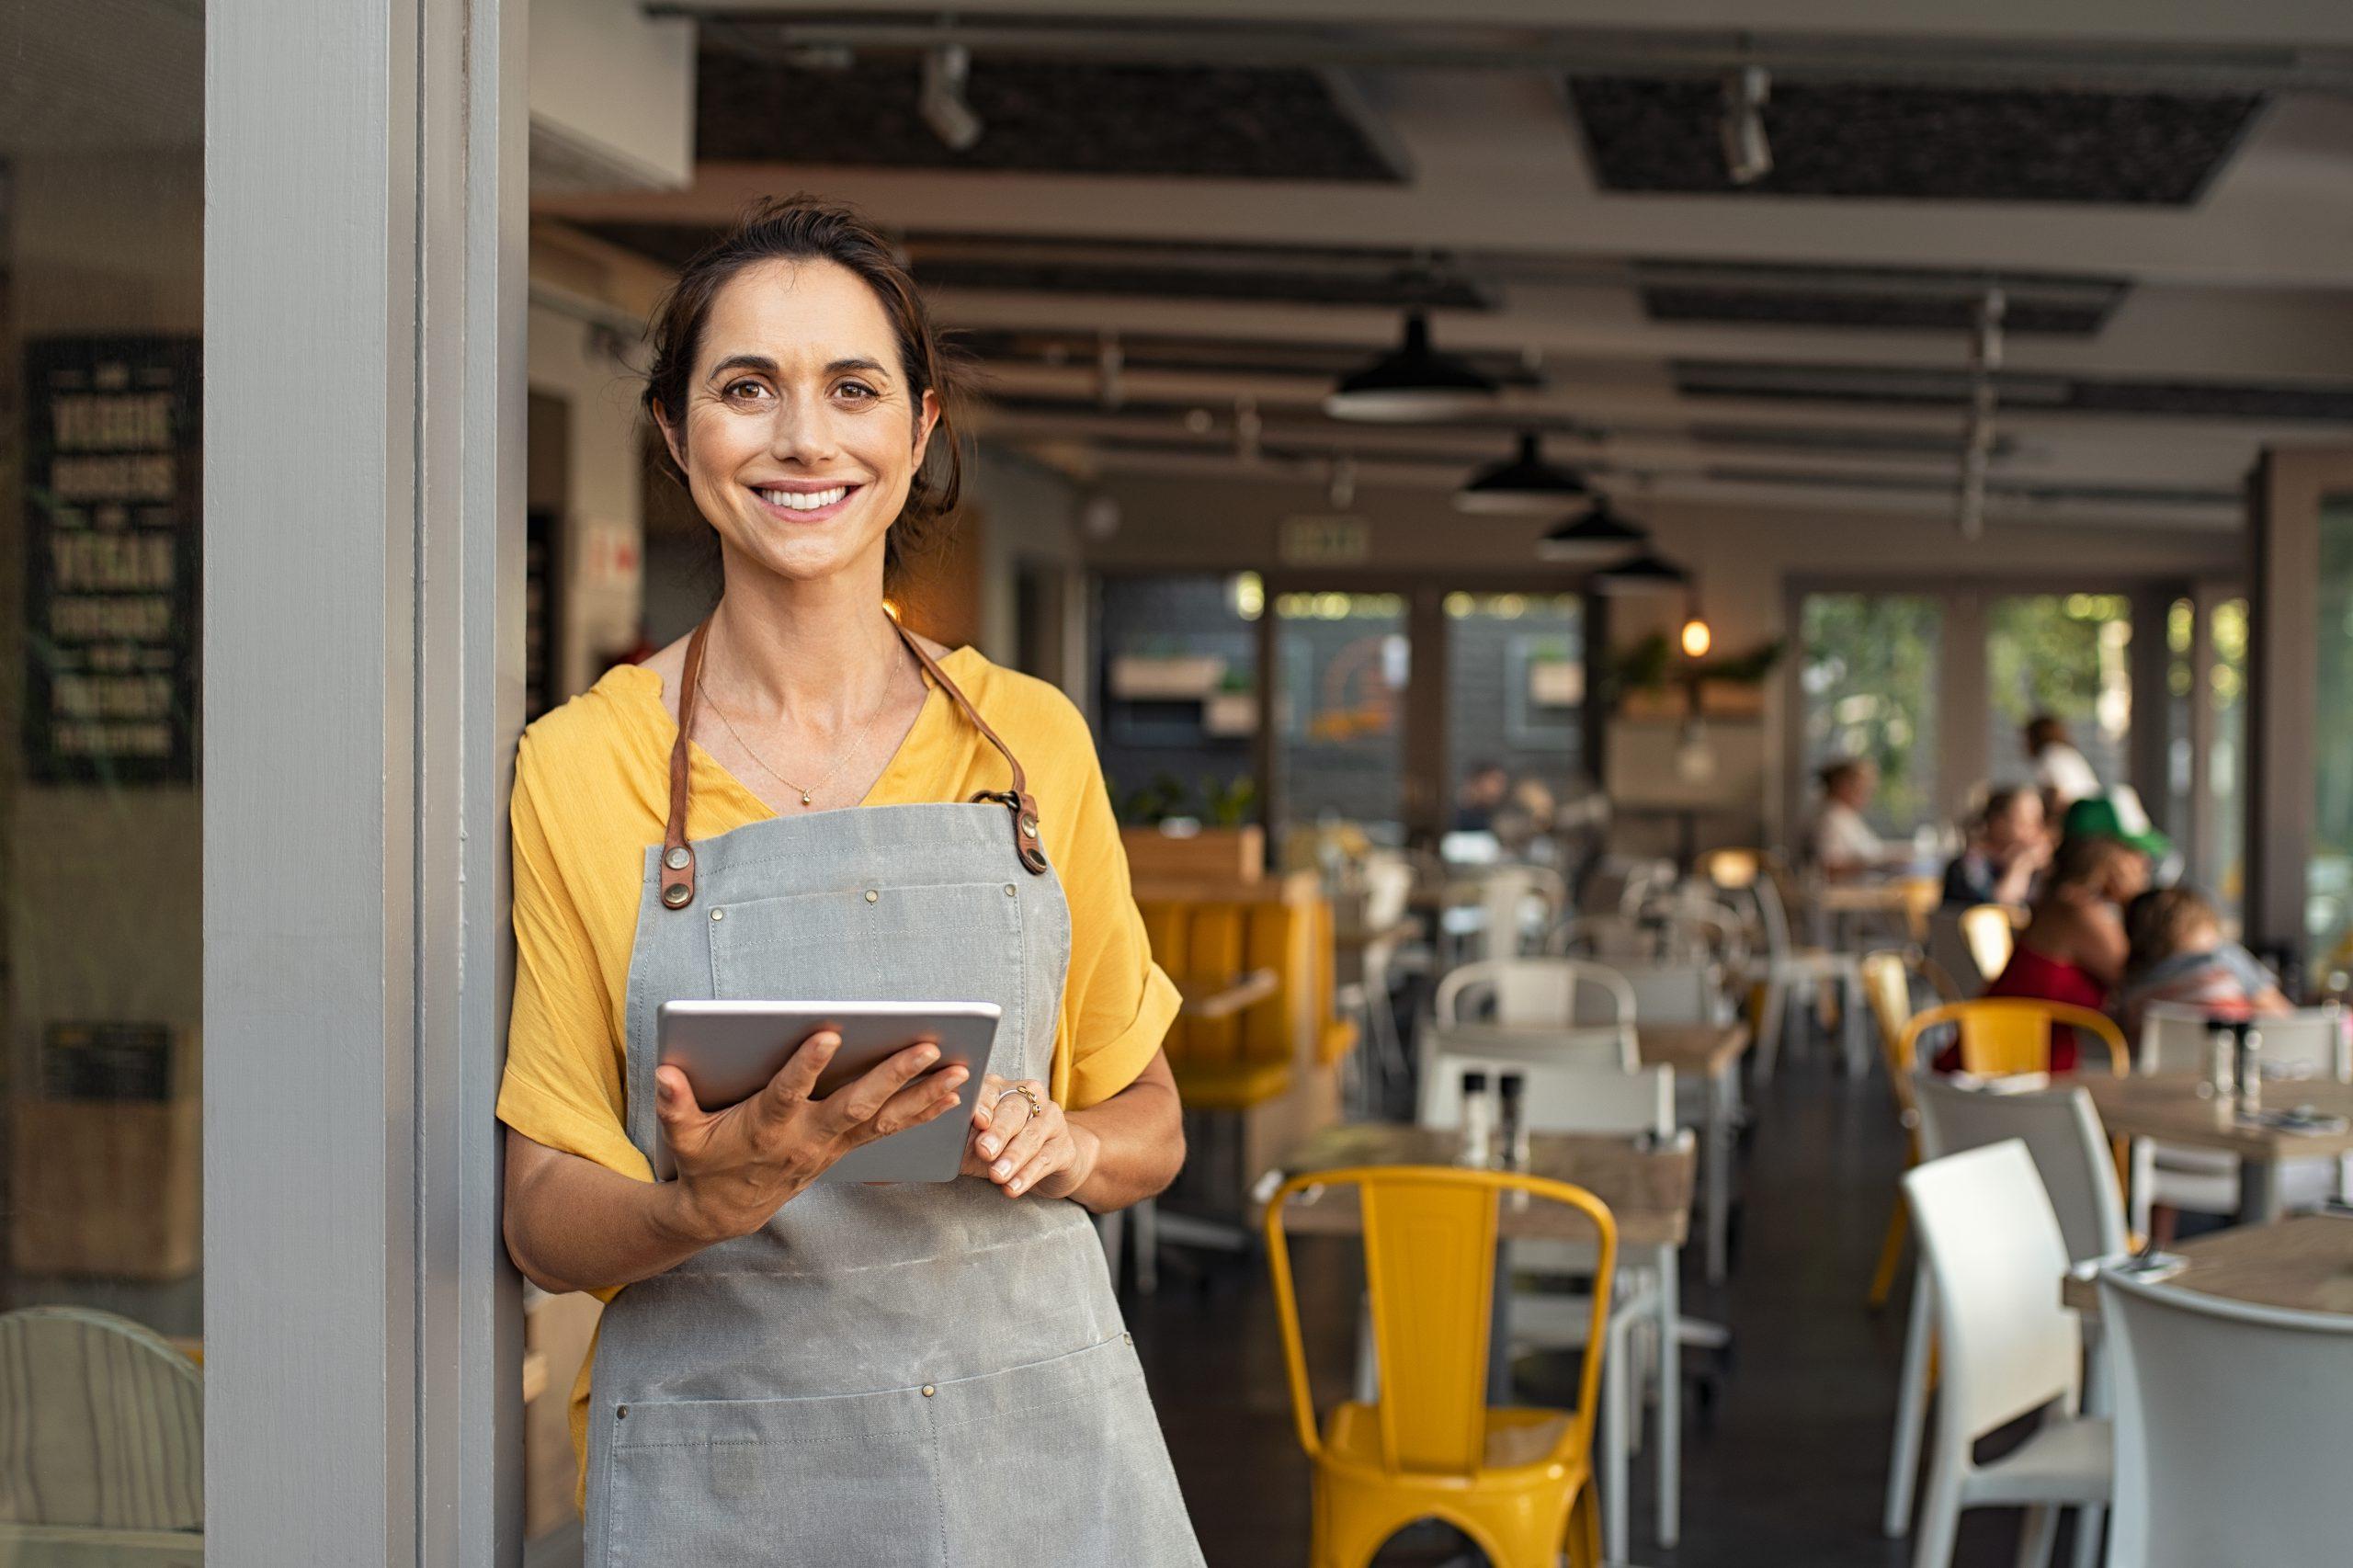 Dlaczego warto używać programu dla gastronomii?